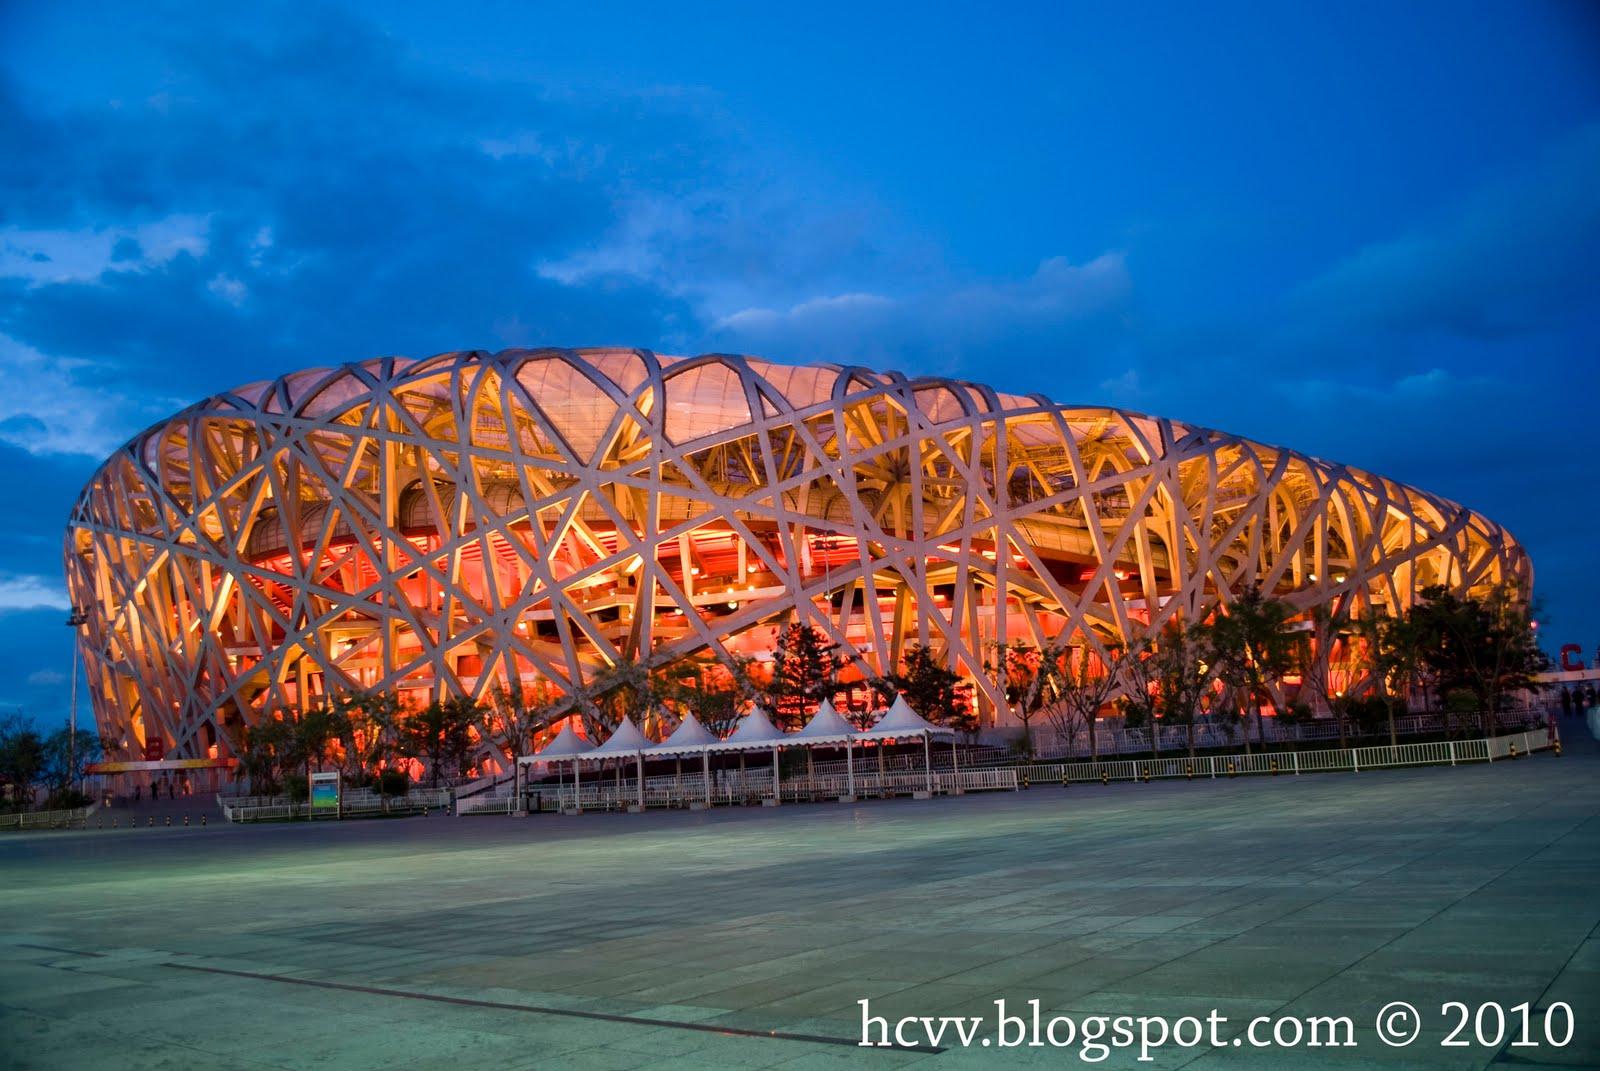 Giant bird s nest of china hcvvorld for The nest beijing